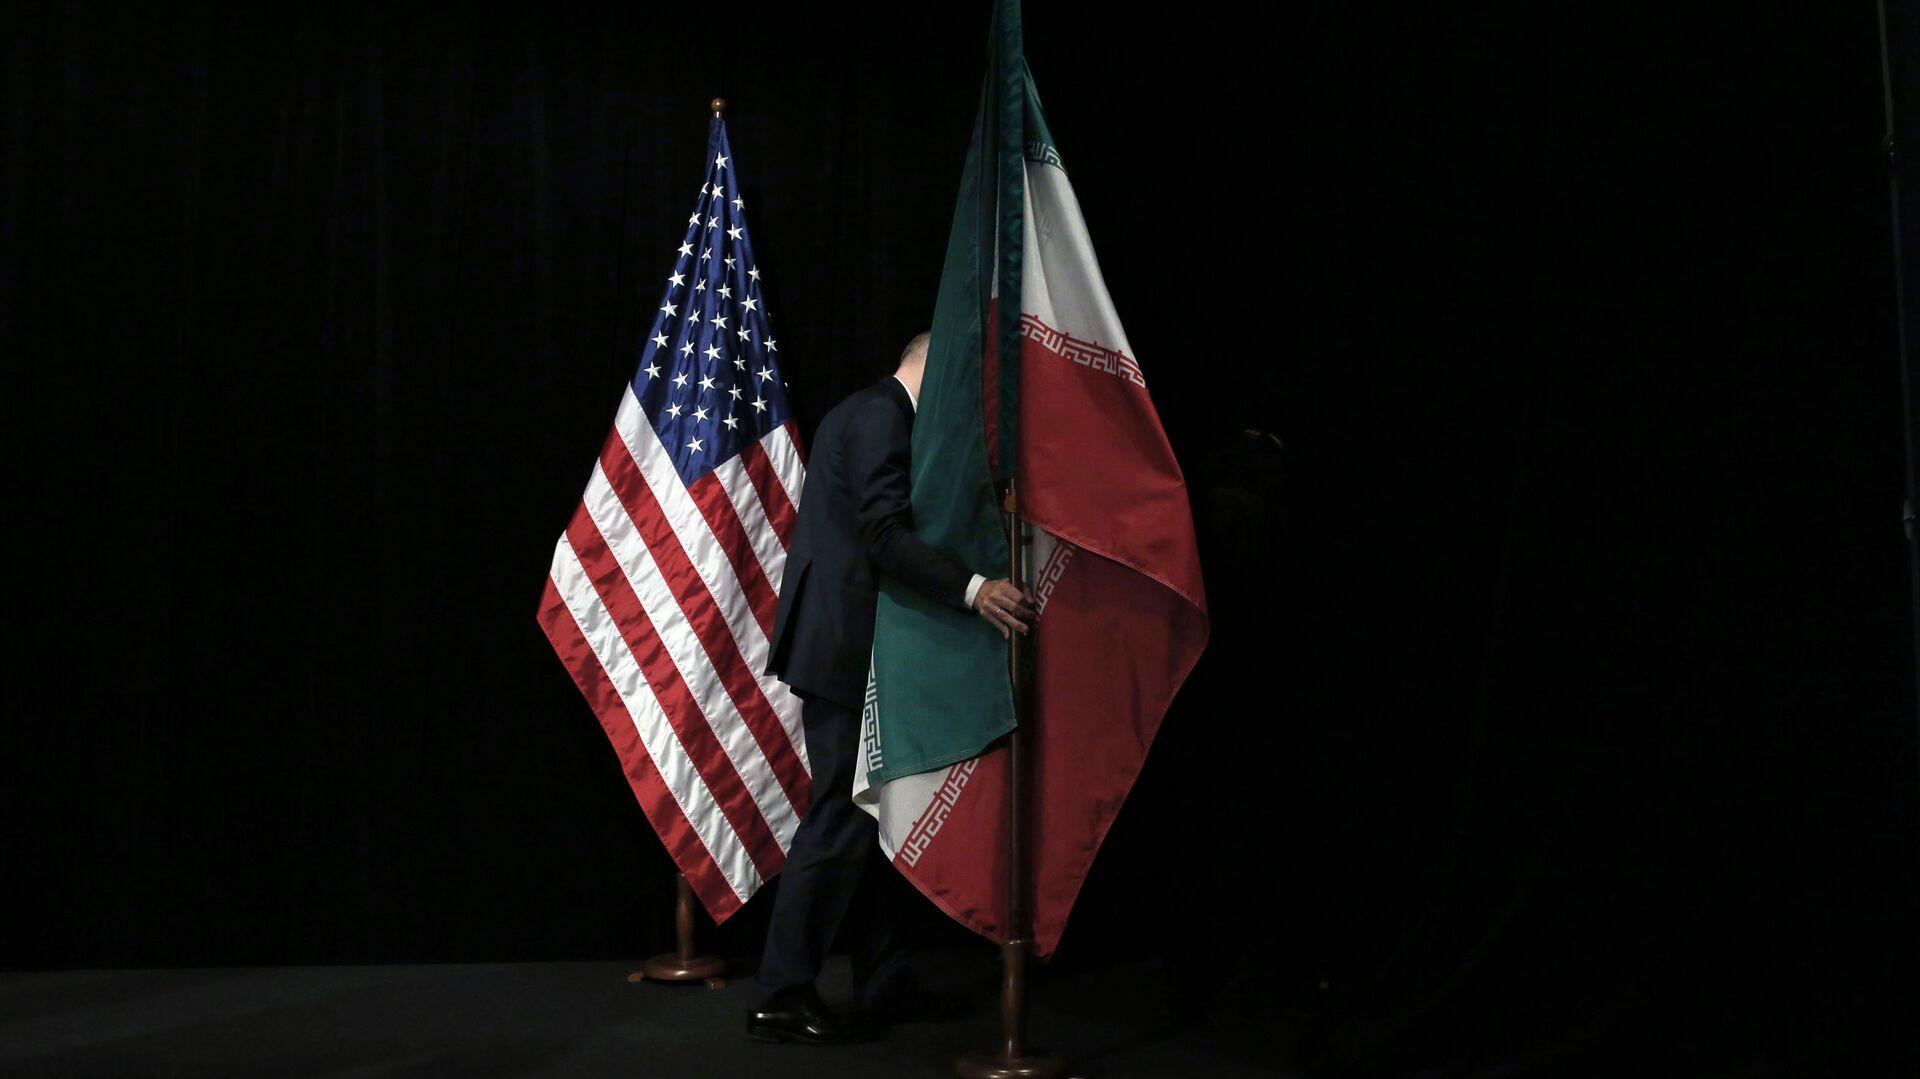 Le bandiere degli Usa e dell'Iran - Sputnik Italia, 1920, 03.04.2021